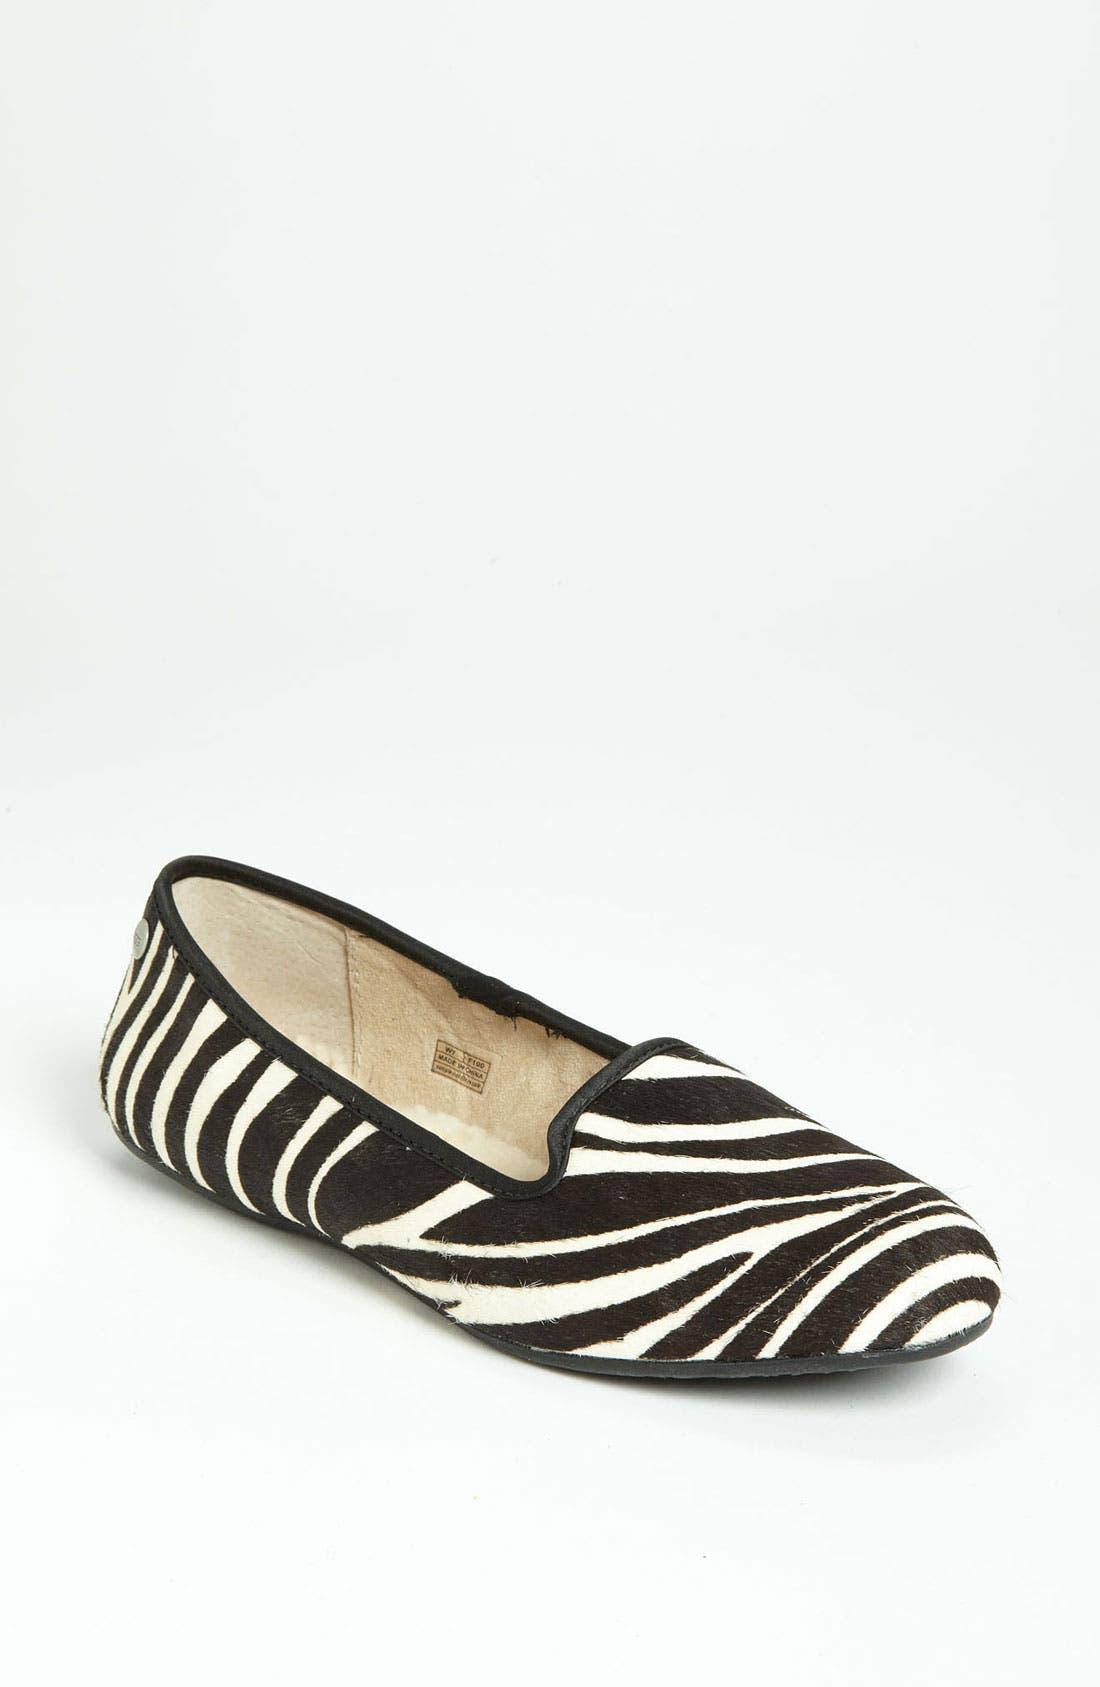 Alternate Image 1 Selected - UGG® Australia 'Alloway Exotic' Slipper (Women)